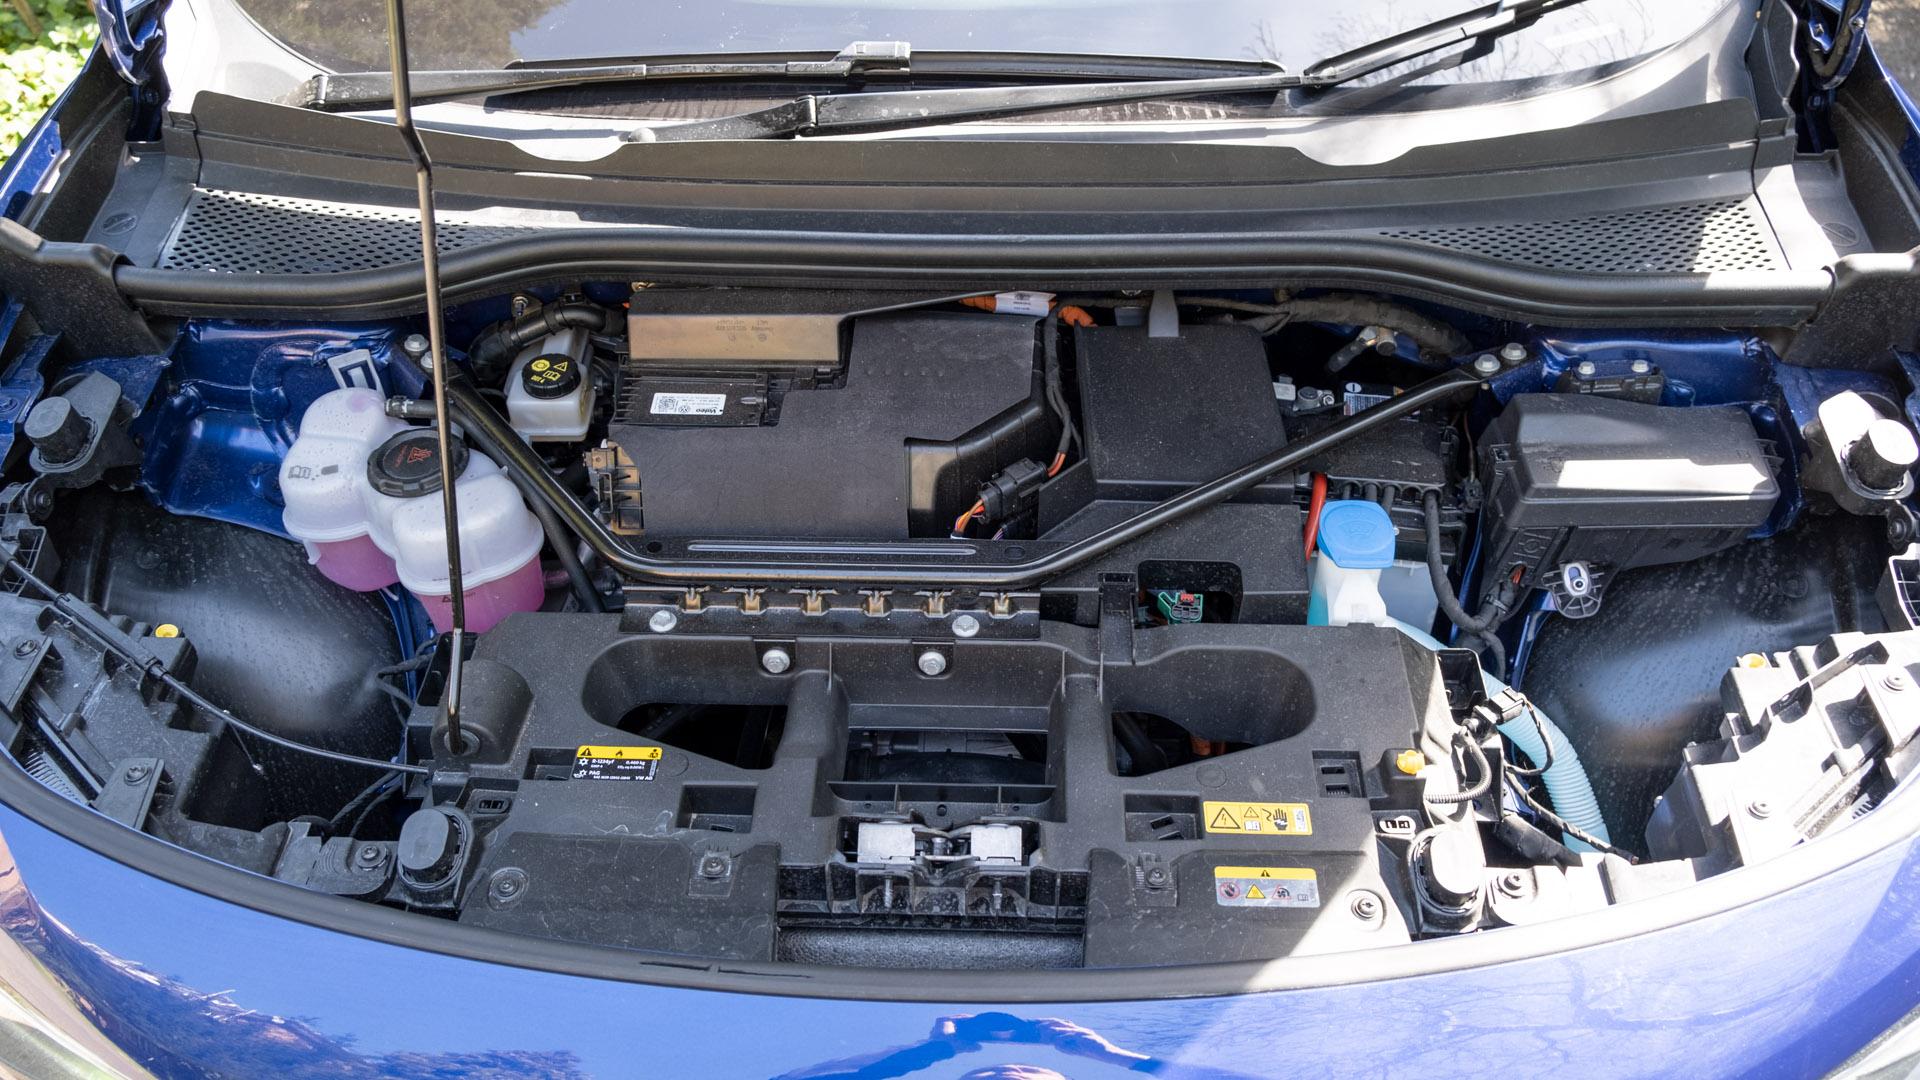 Volkswagen ID.4 electric